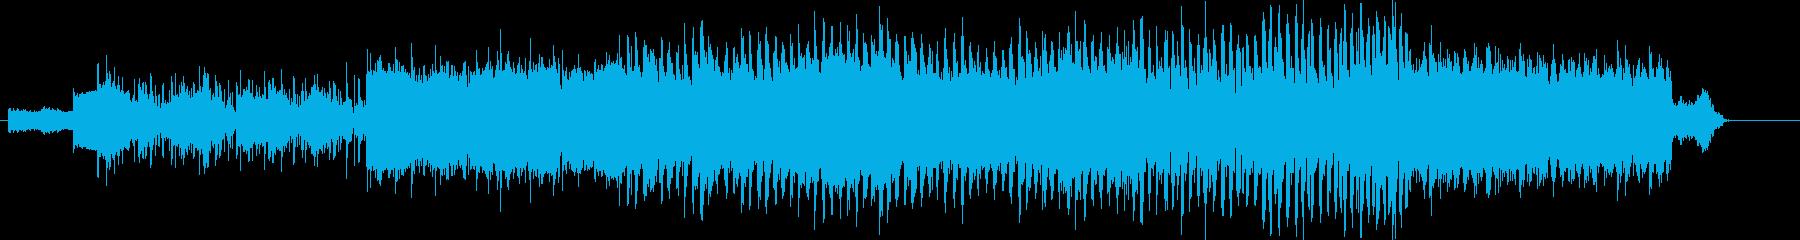 デジタルと大陸 アジアなBGMの再生済みの波形